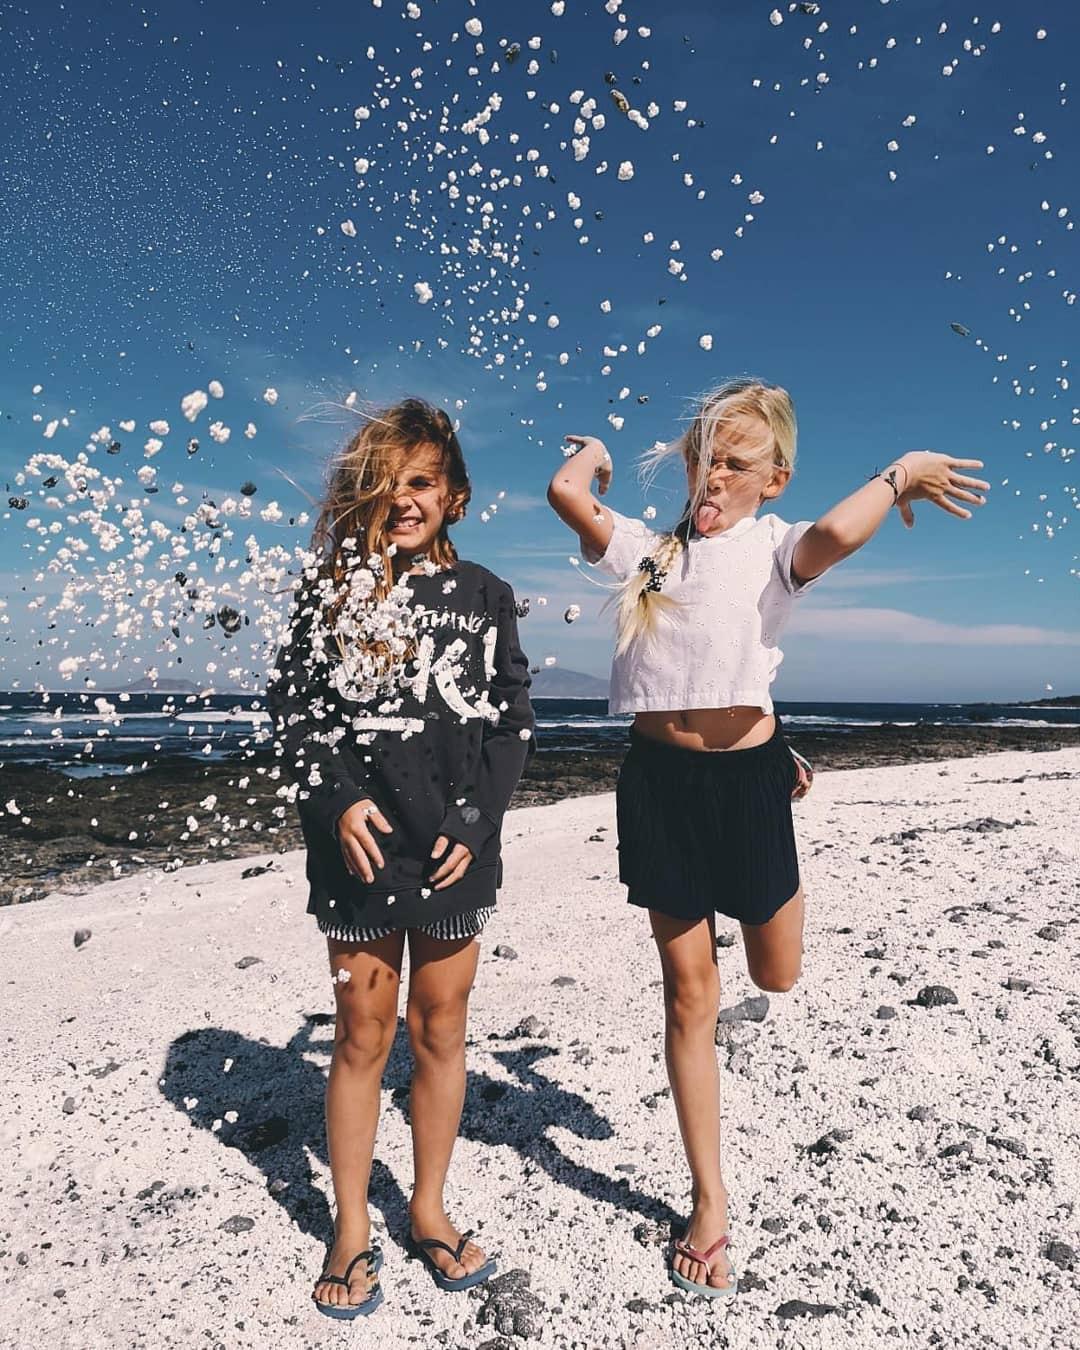 Bãi biển bỏng ngô ở Tây Ban Nha khiến nhiều người thốt lên: Trên đời này đúng là cái gì cũng có! - Ảnh 3.